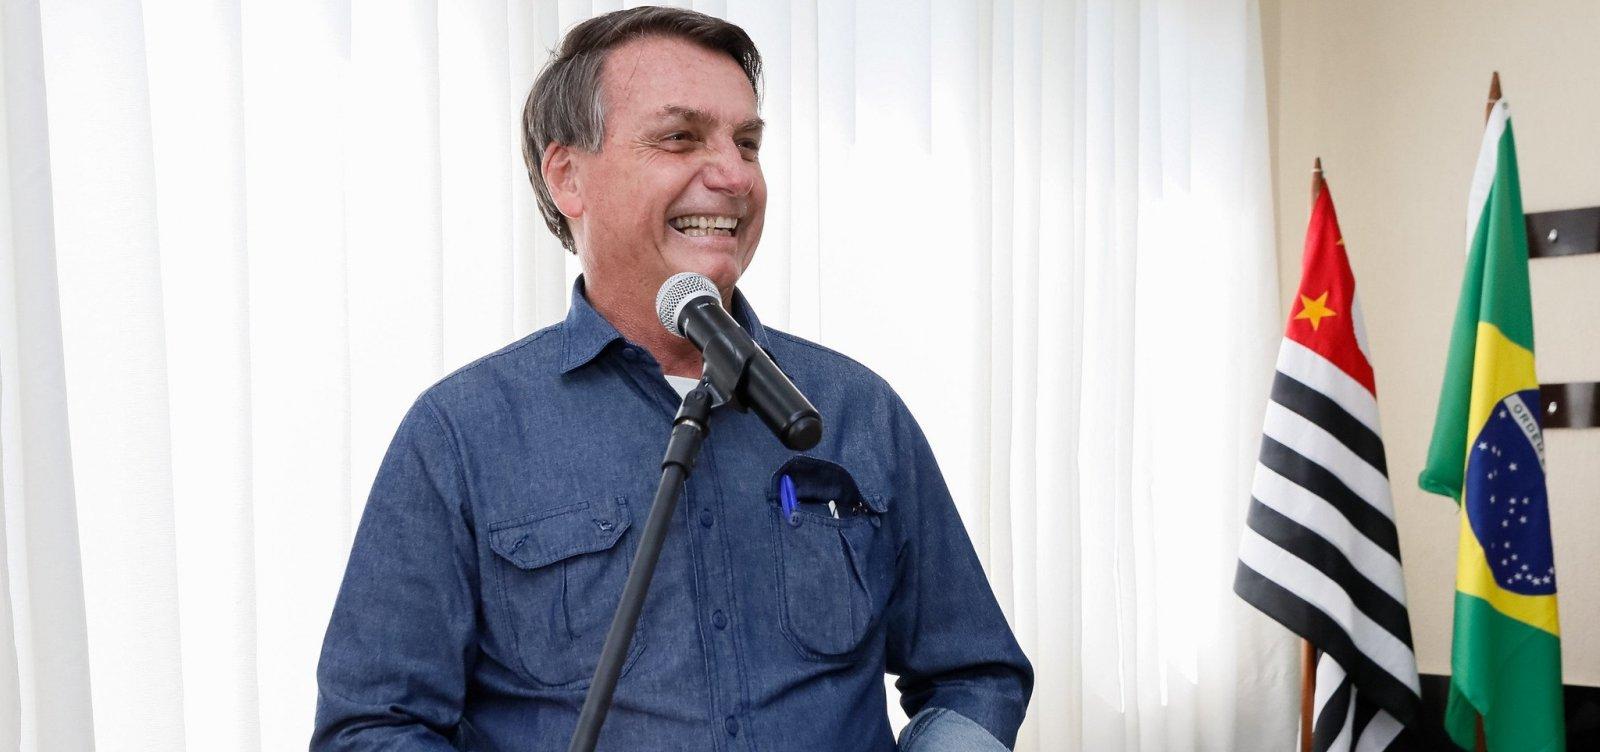 Datafolha: Bolsonaro registra maior aprovação desde início do mandato